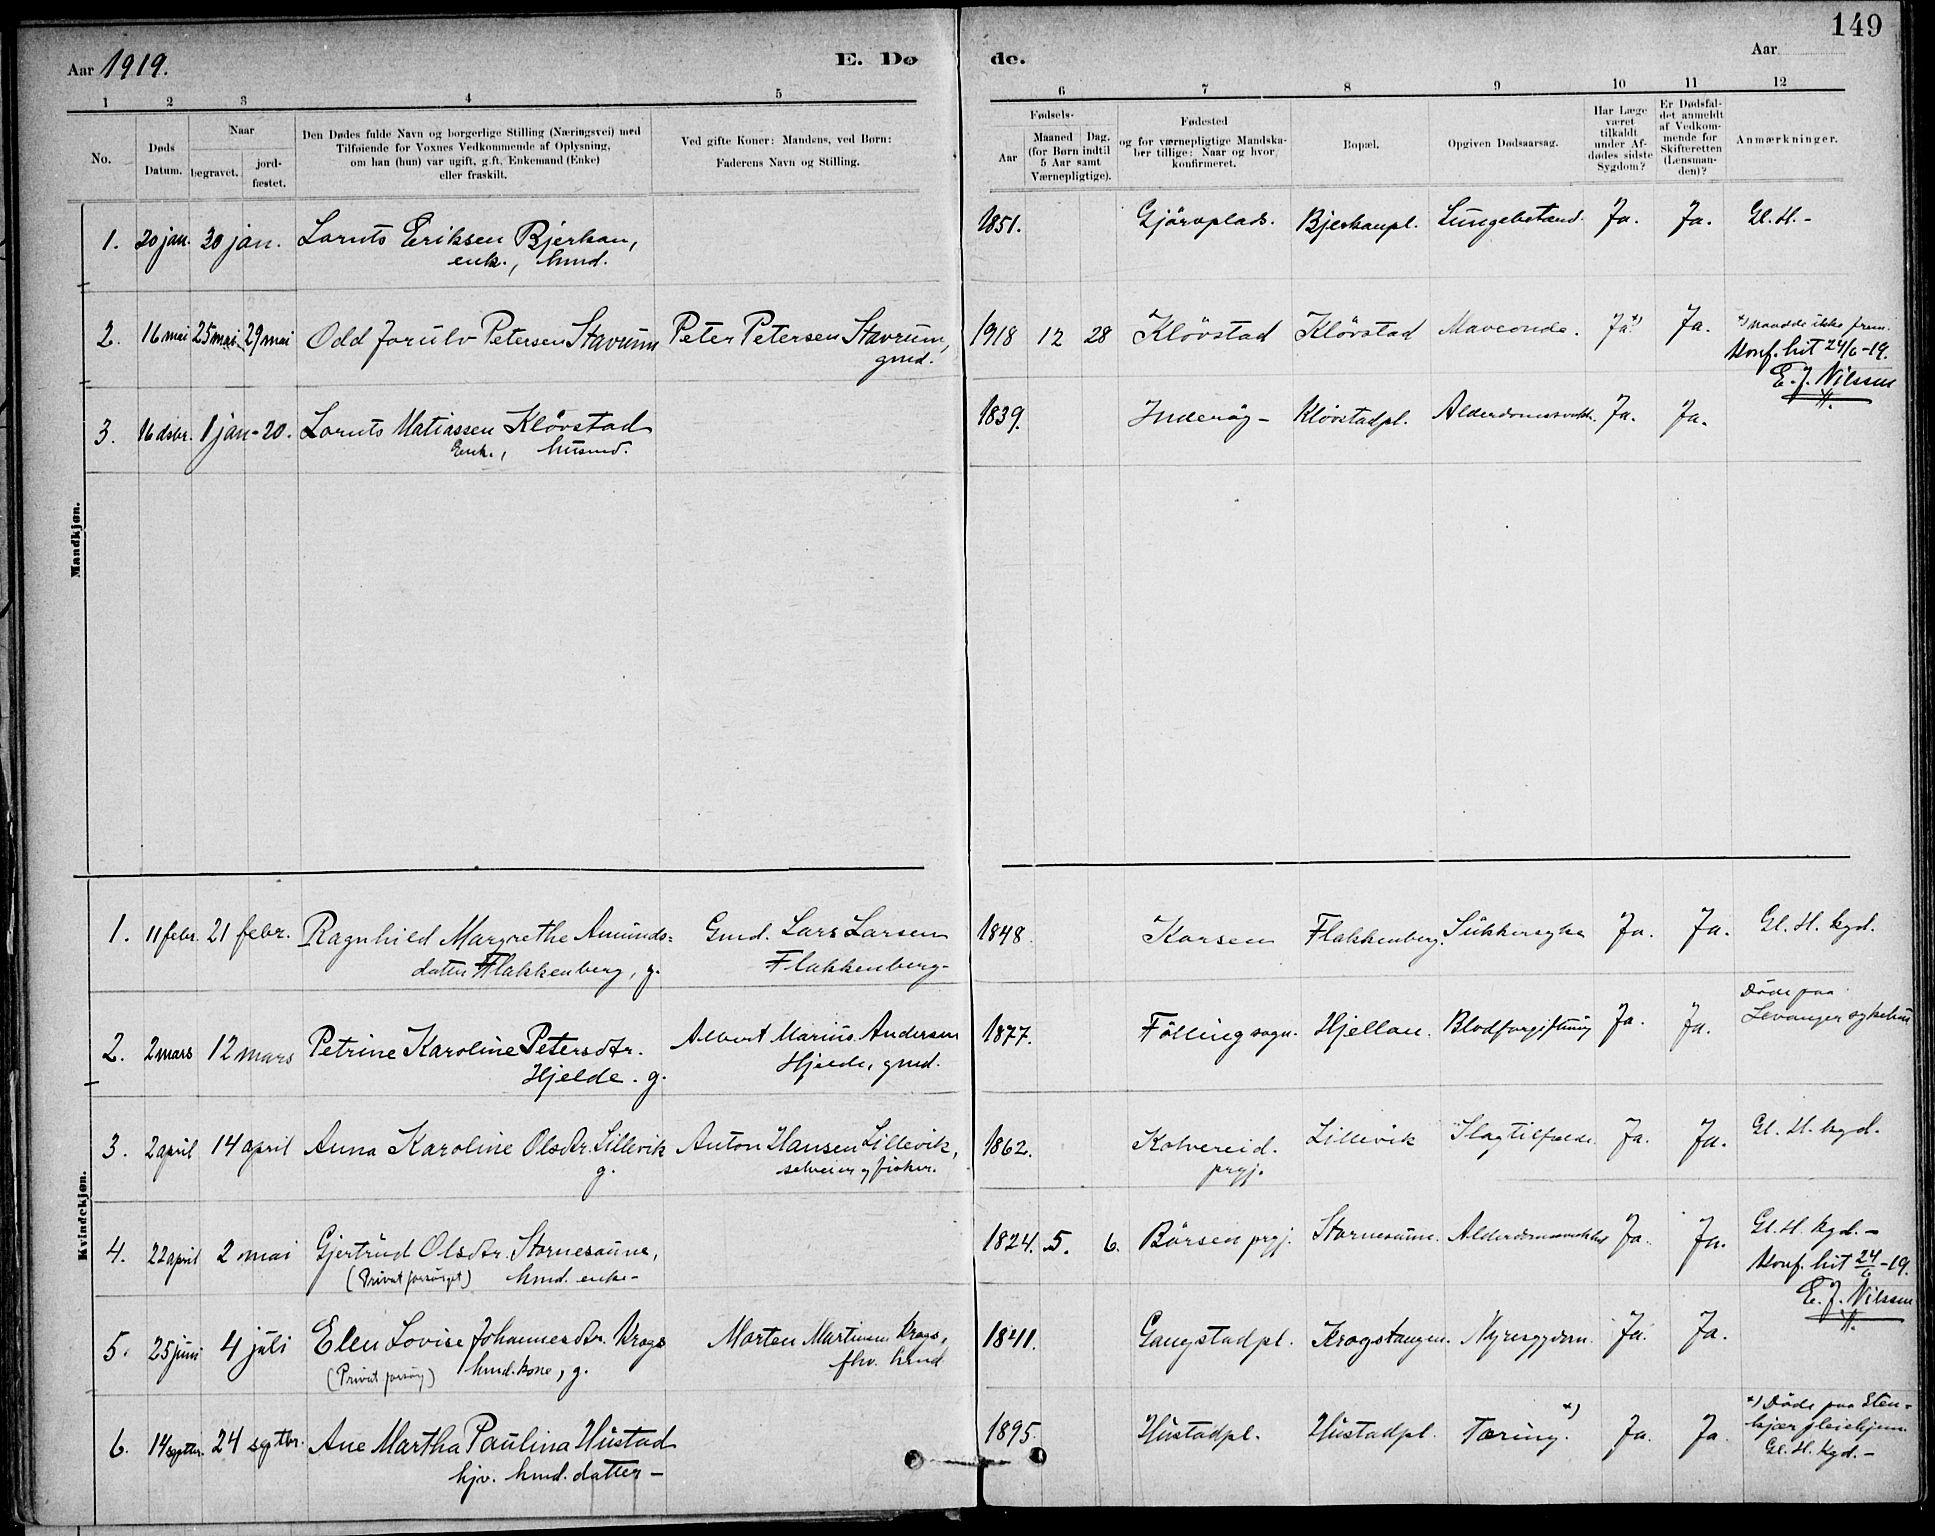 SAT, Ministerialprotokoller, klokkerbøker og fødselsregistre - Nord-Trøndelag, 732/L0316: Ministerialbok nr. 732A01, 1879-1921, s. 149